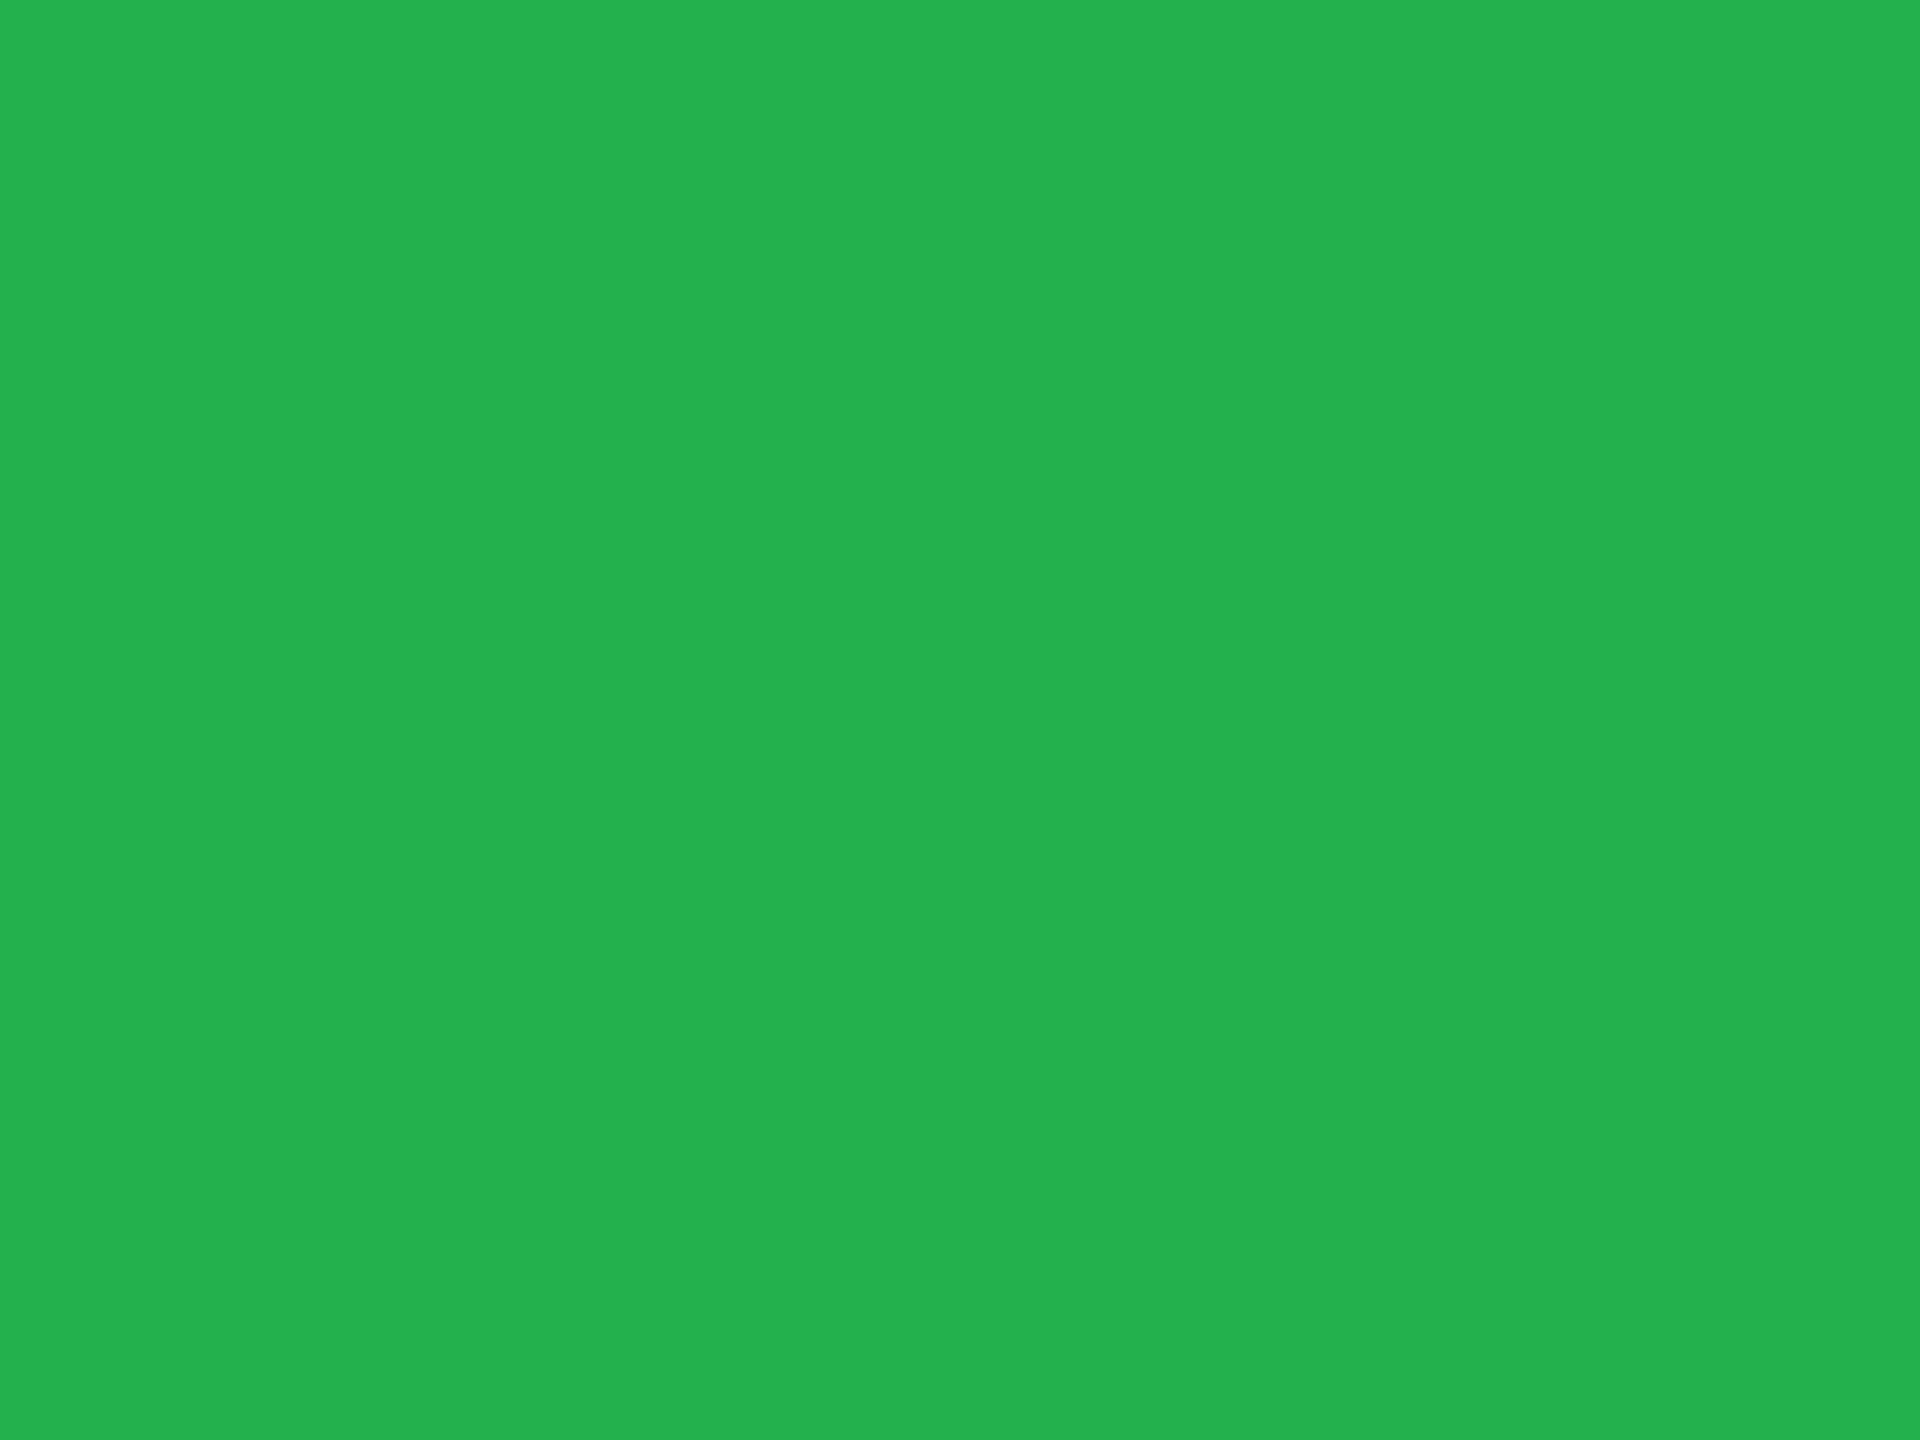 Green Institute